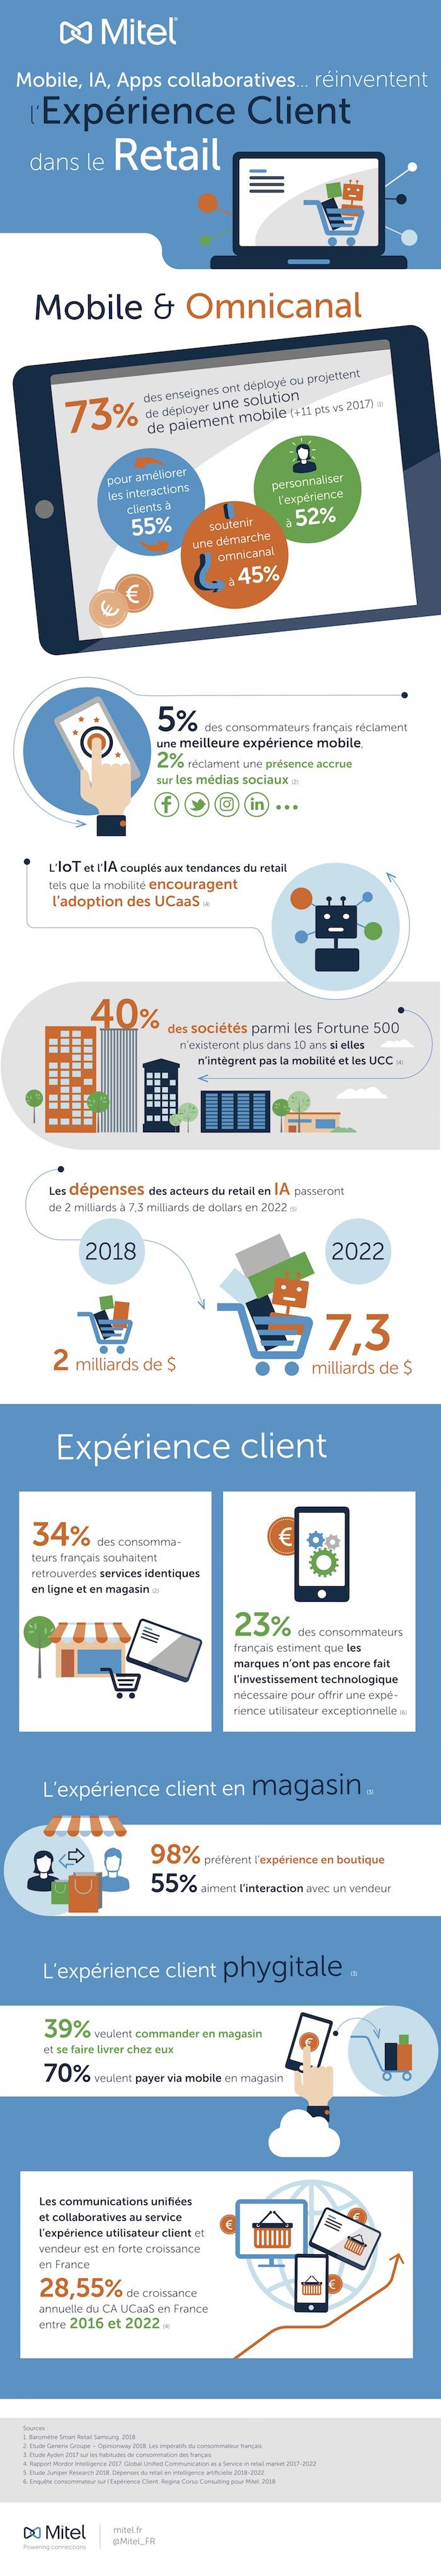 Infographie Mitel_Mobile, IA, apps collaboratives réinventent l'expérience client dans le Retail